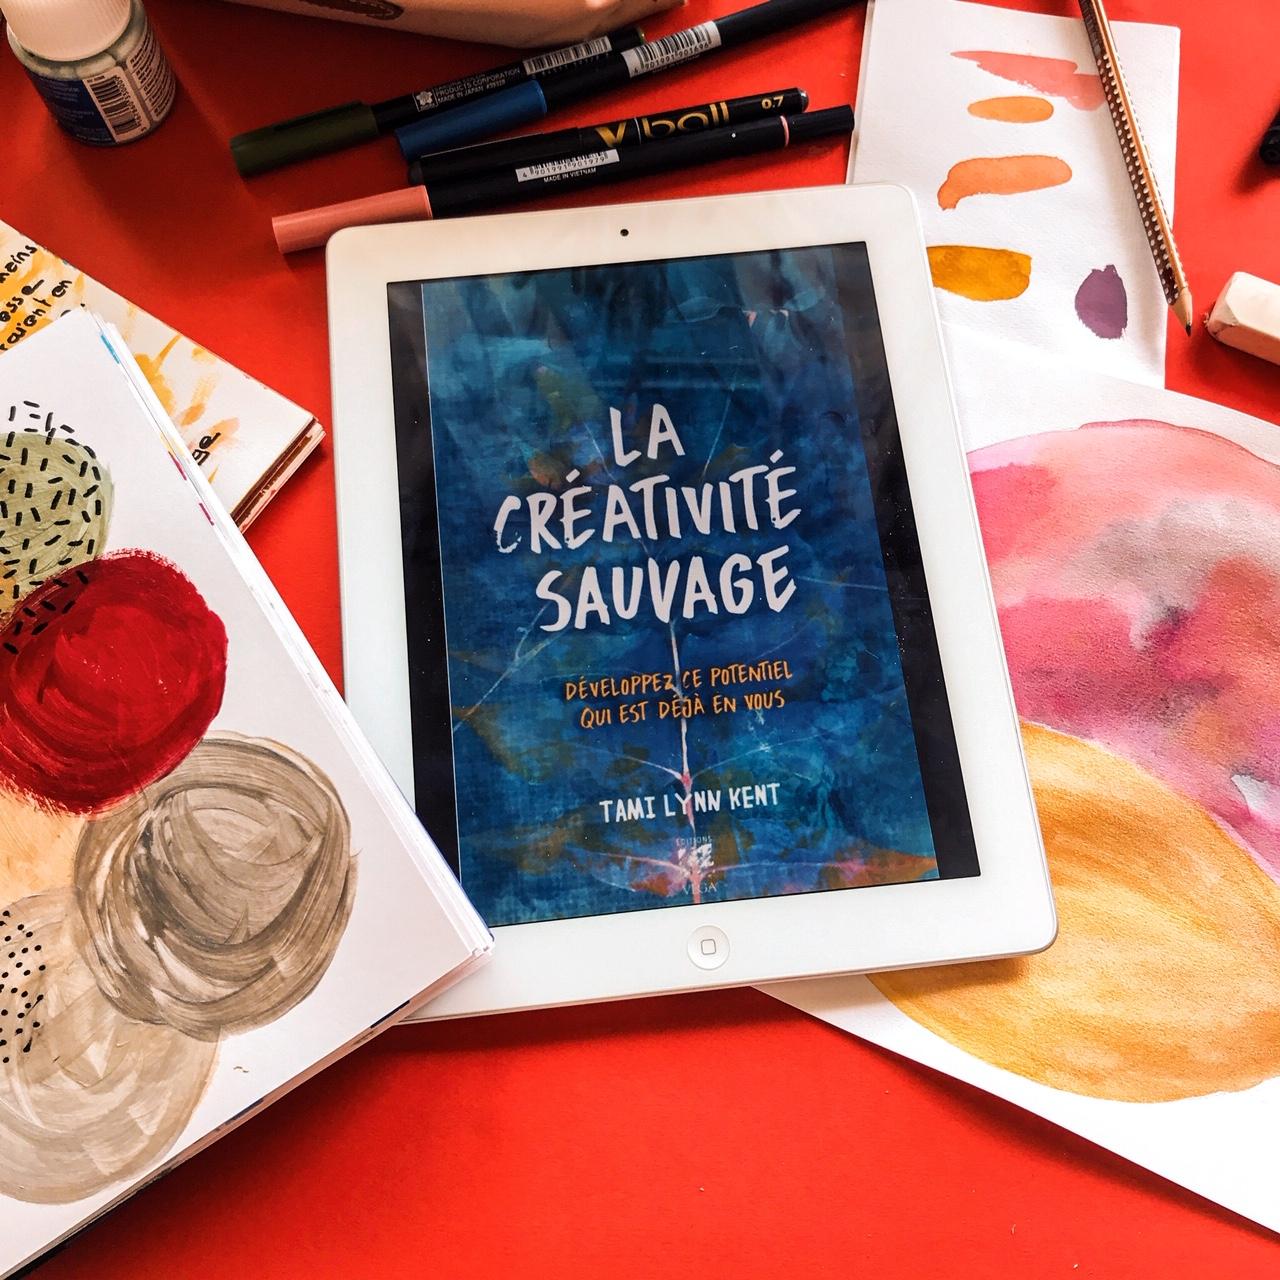 La créativité sauvage, de Tami Lynn Kent : développez ce potentiel qui est déjà en vous